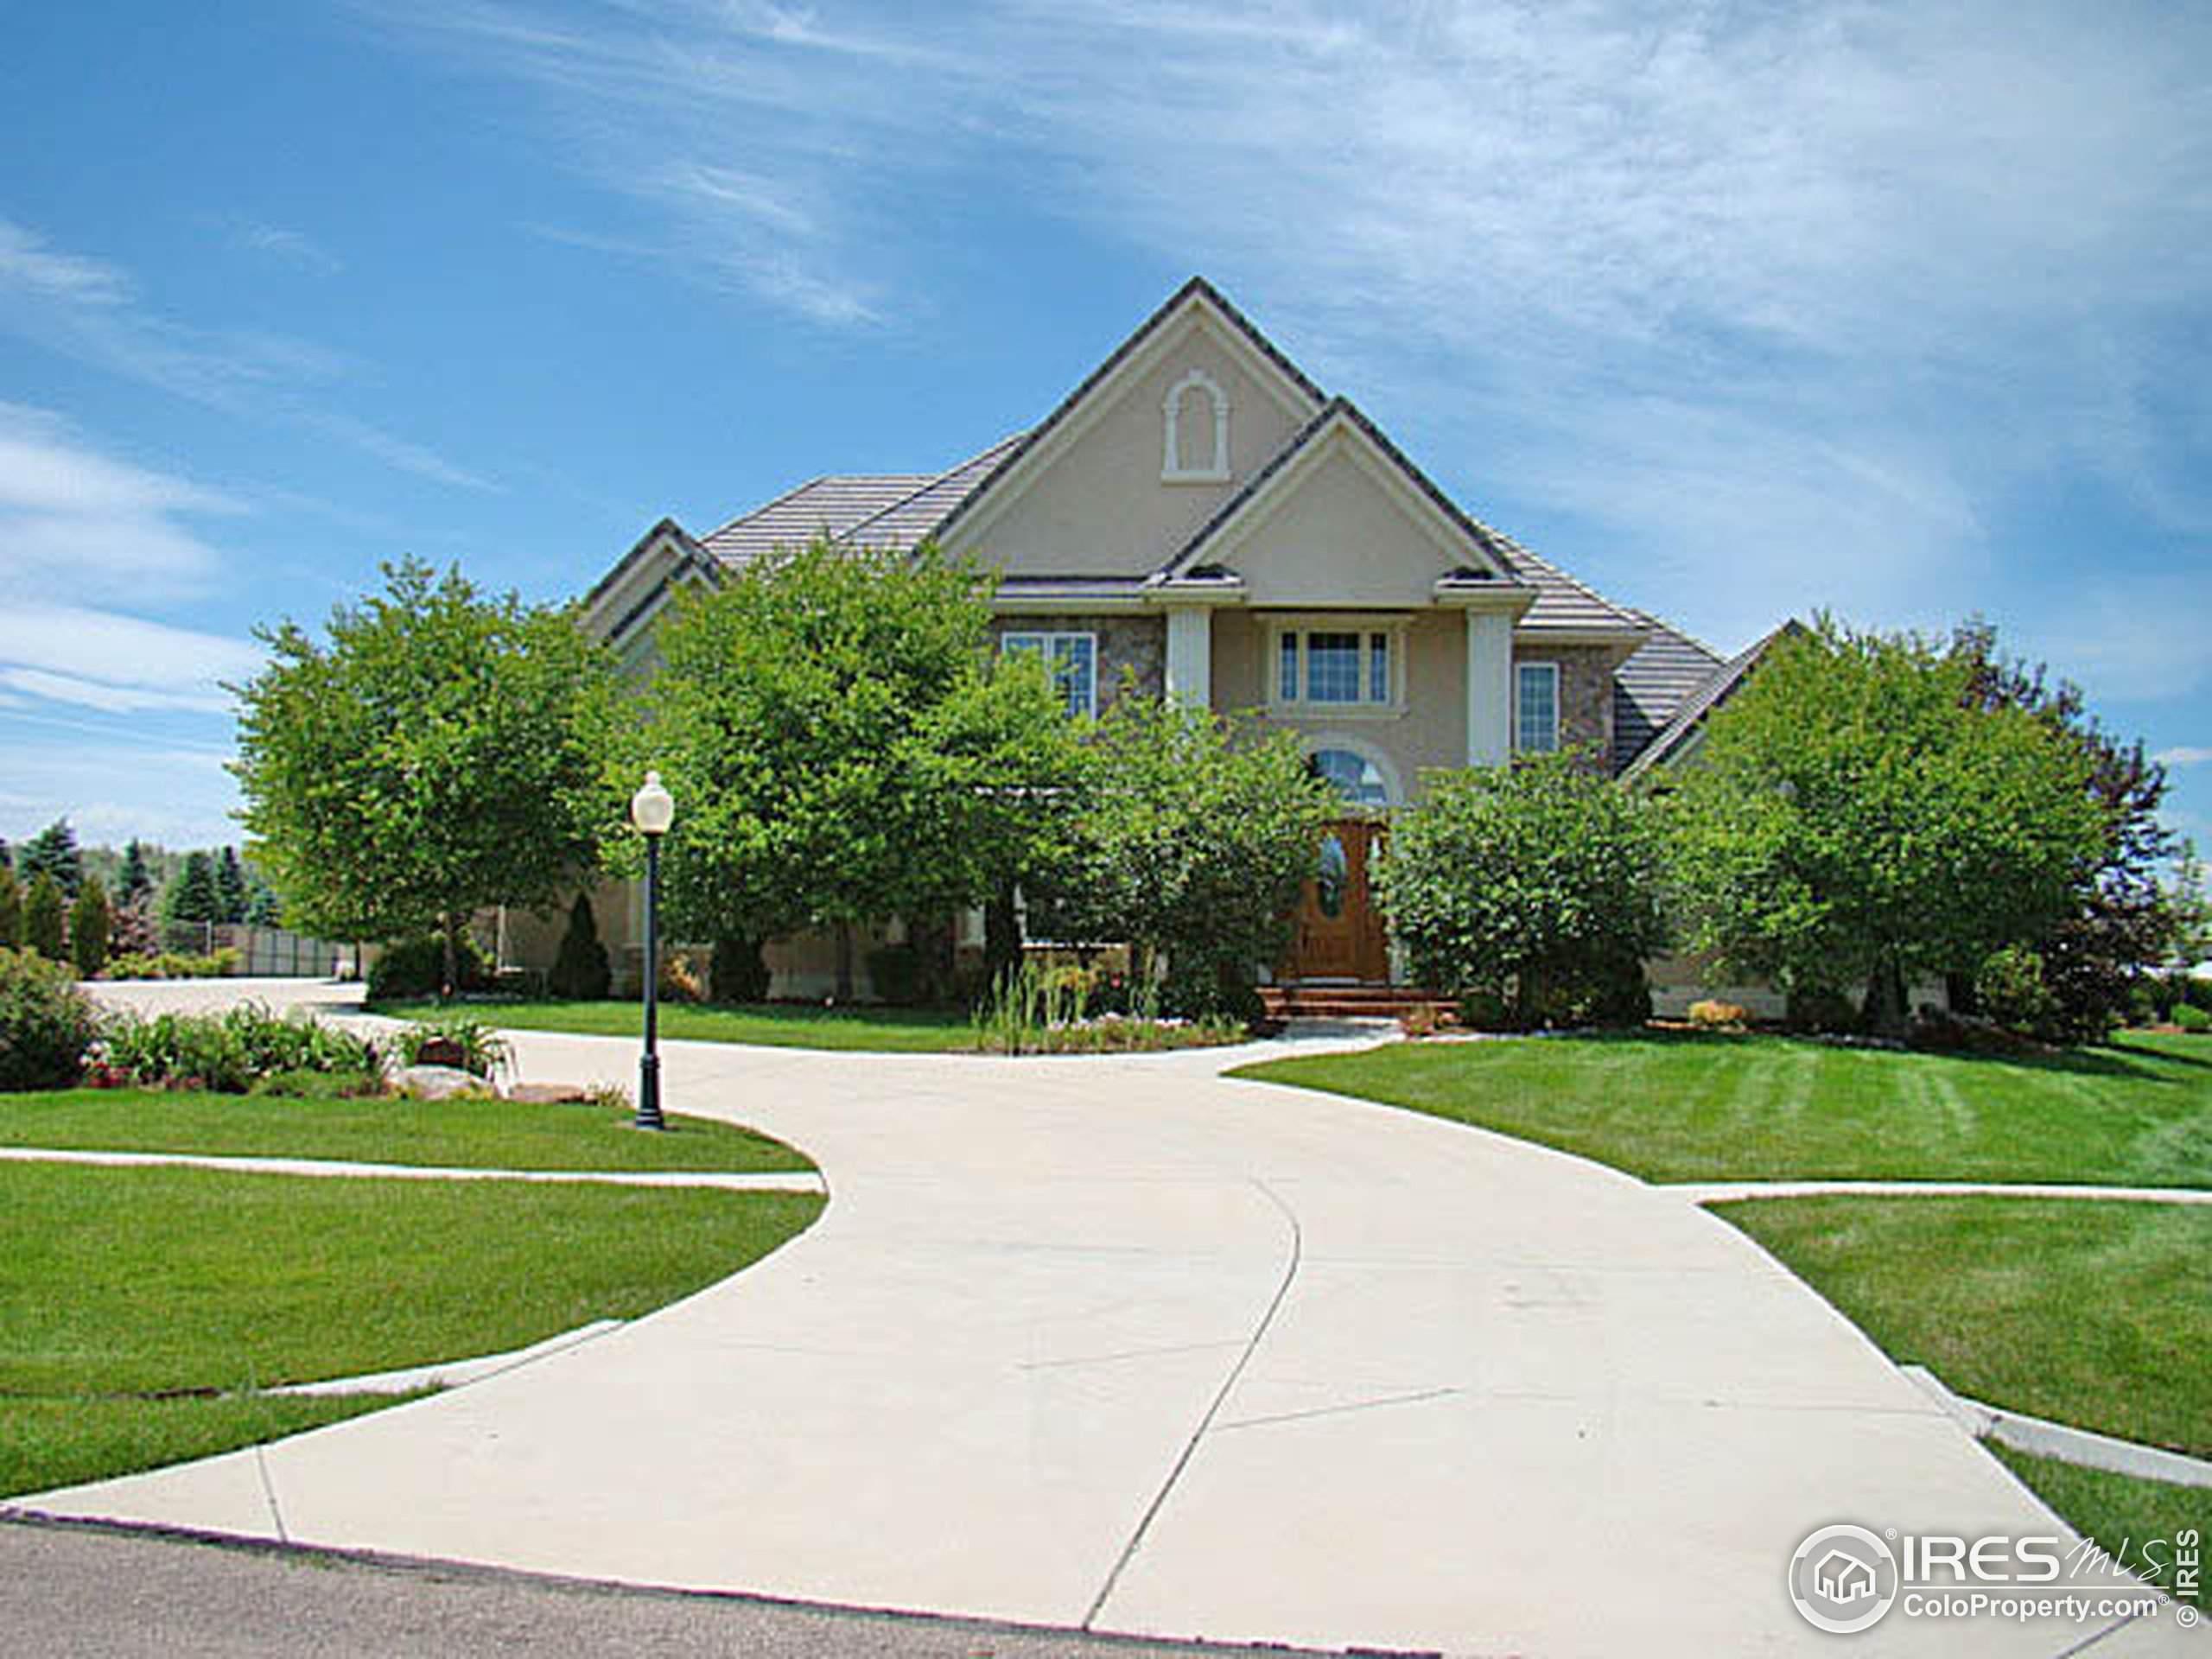 717 Virginia Cir, Penrose, CO 81240 (MLS #902387) :: 8z Real Estate